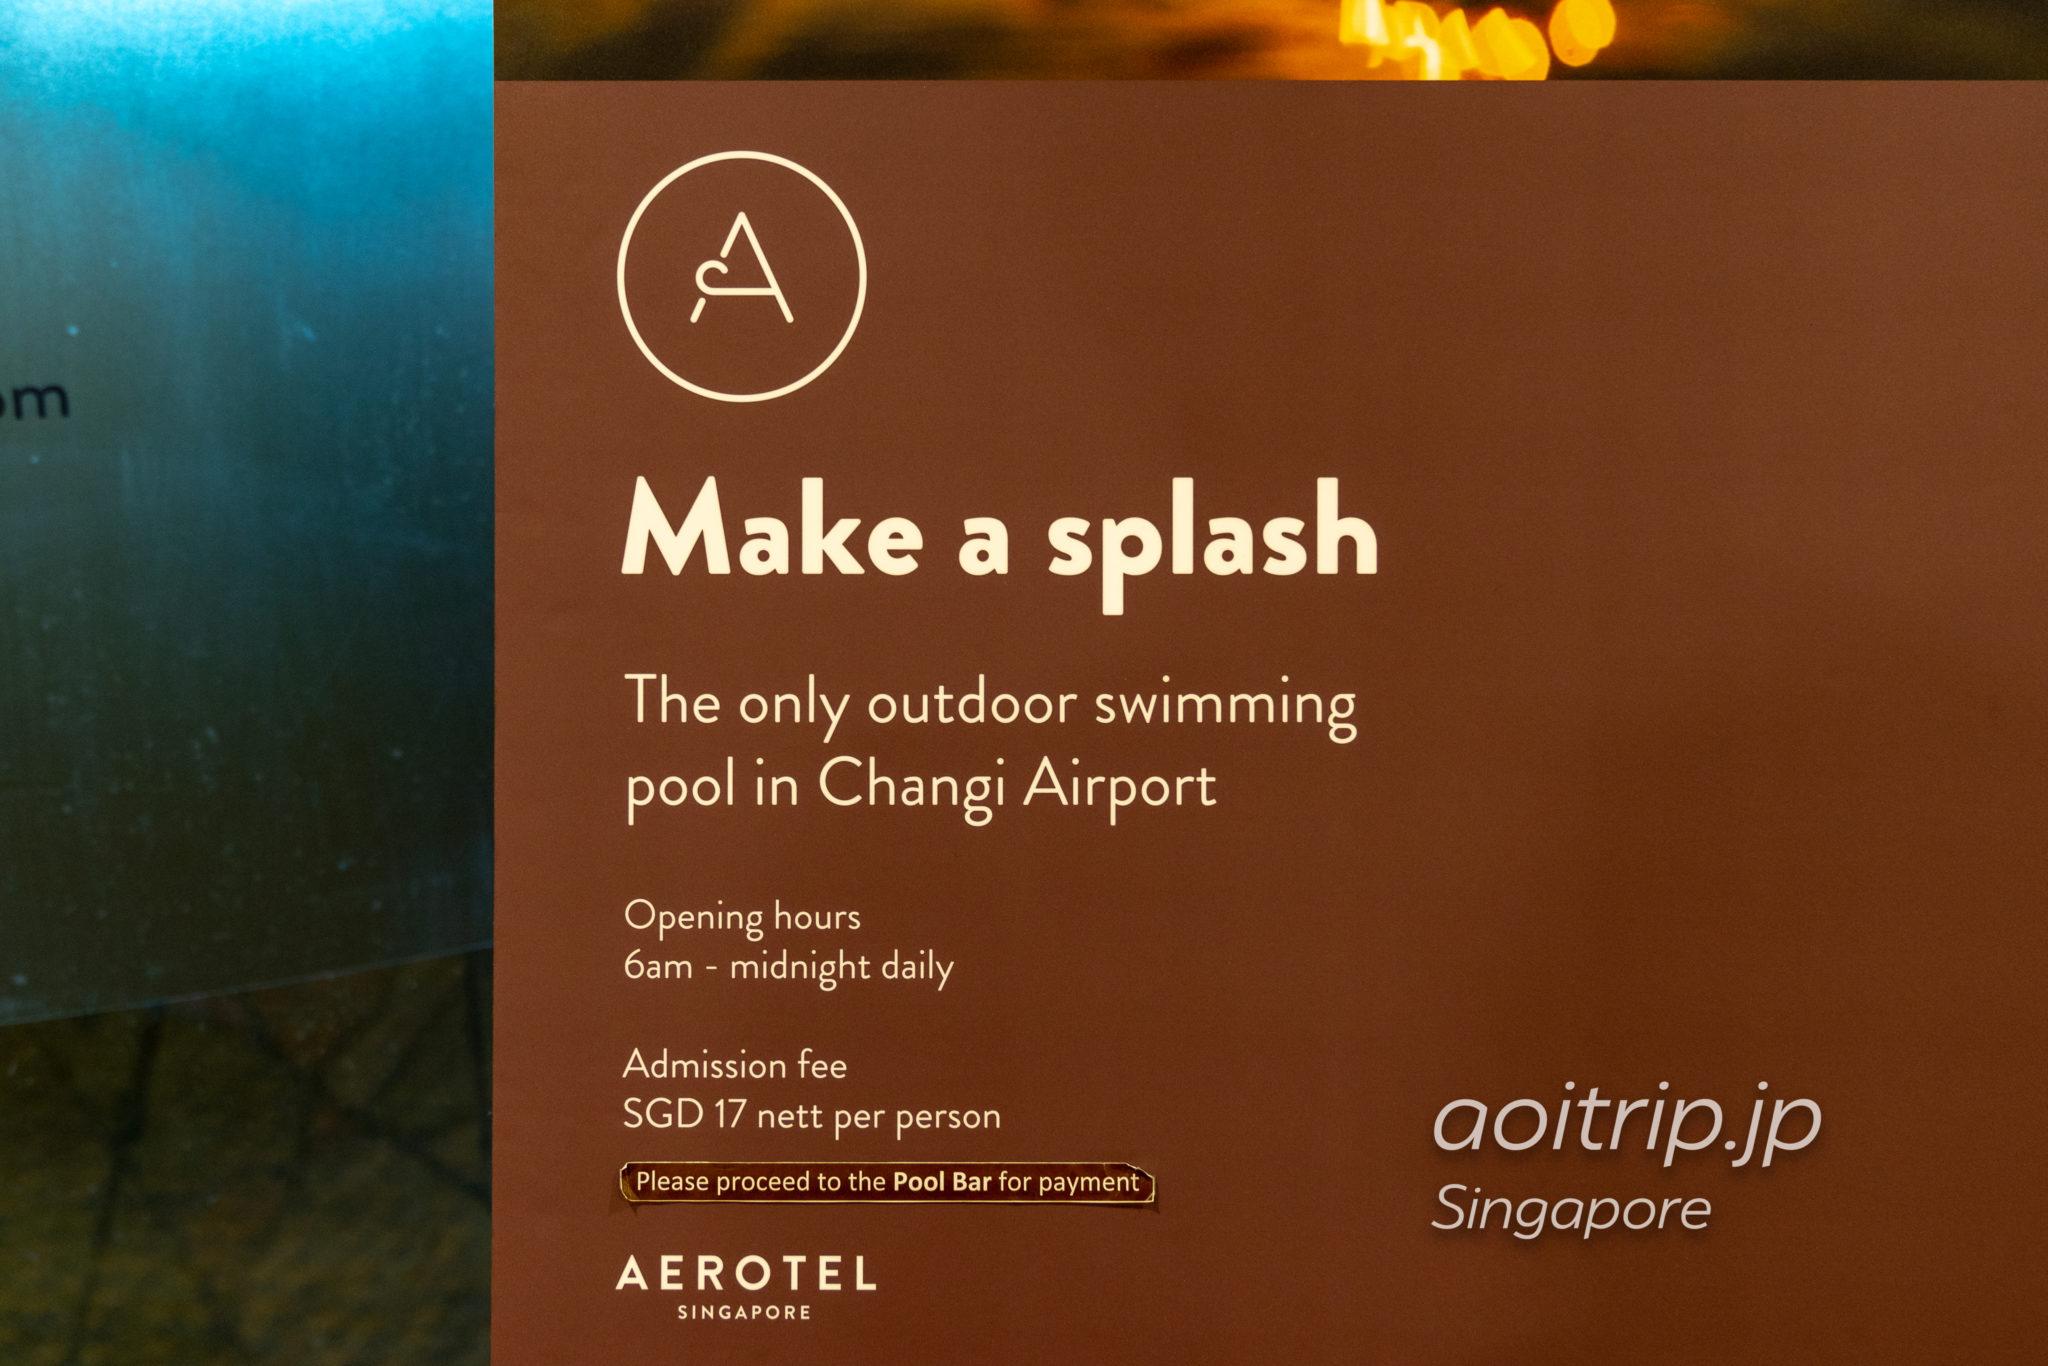 シンガポールチャンギ国際空港 アエロテルトランジットホテルのプール